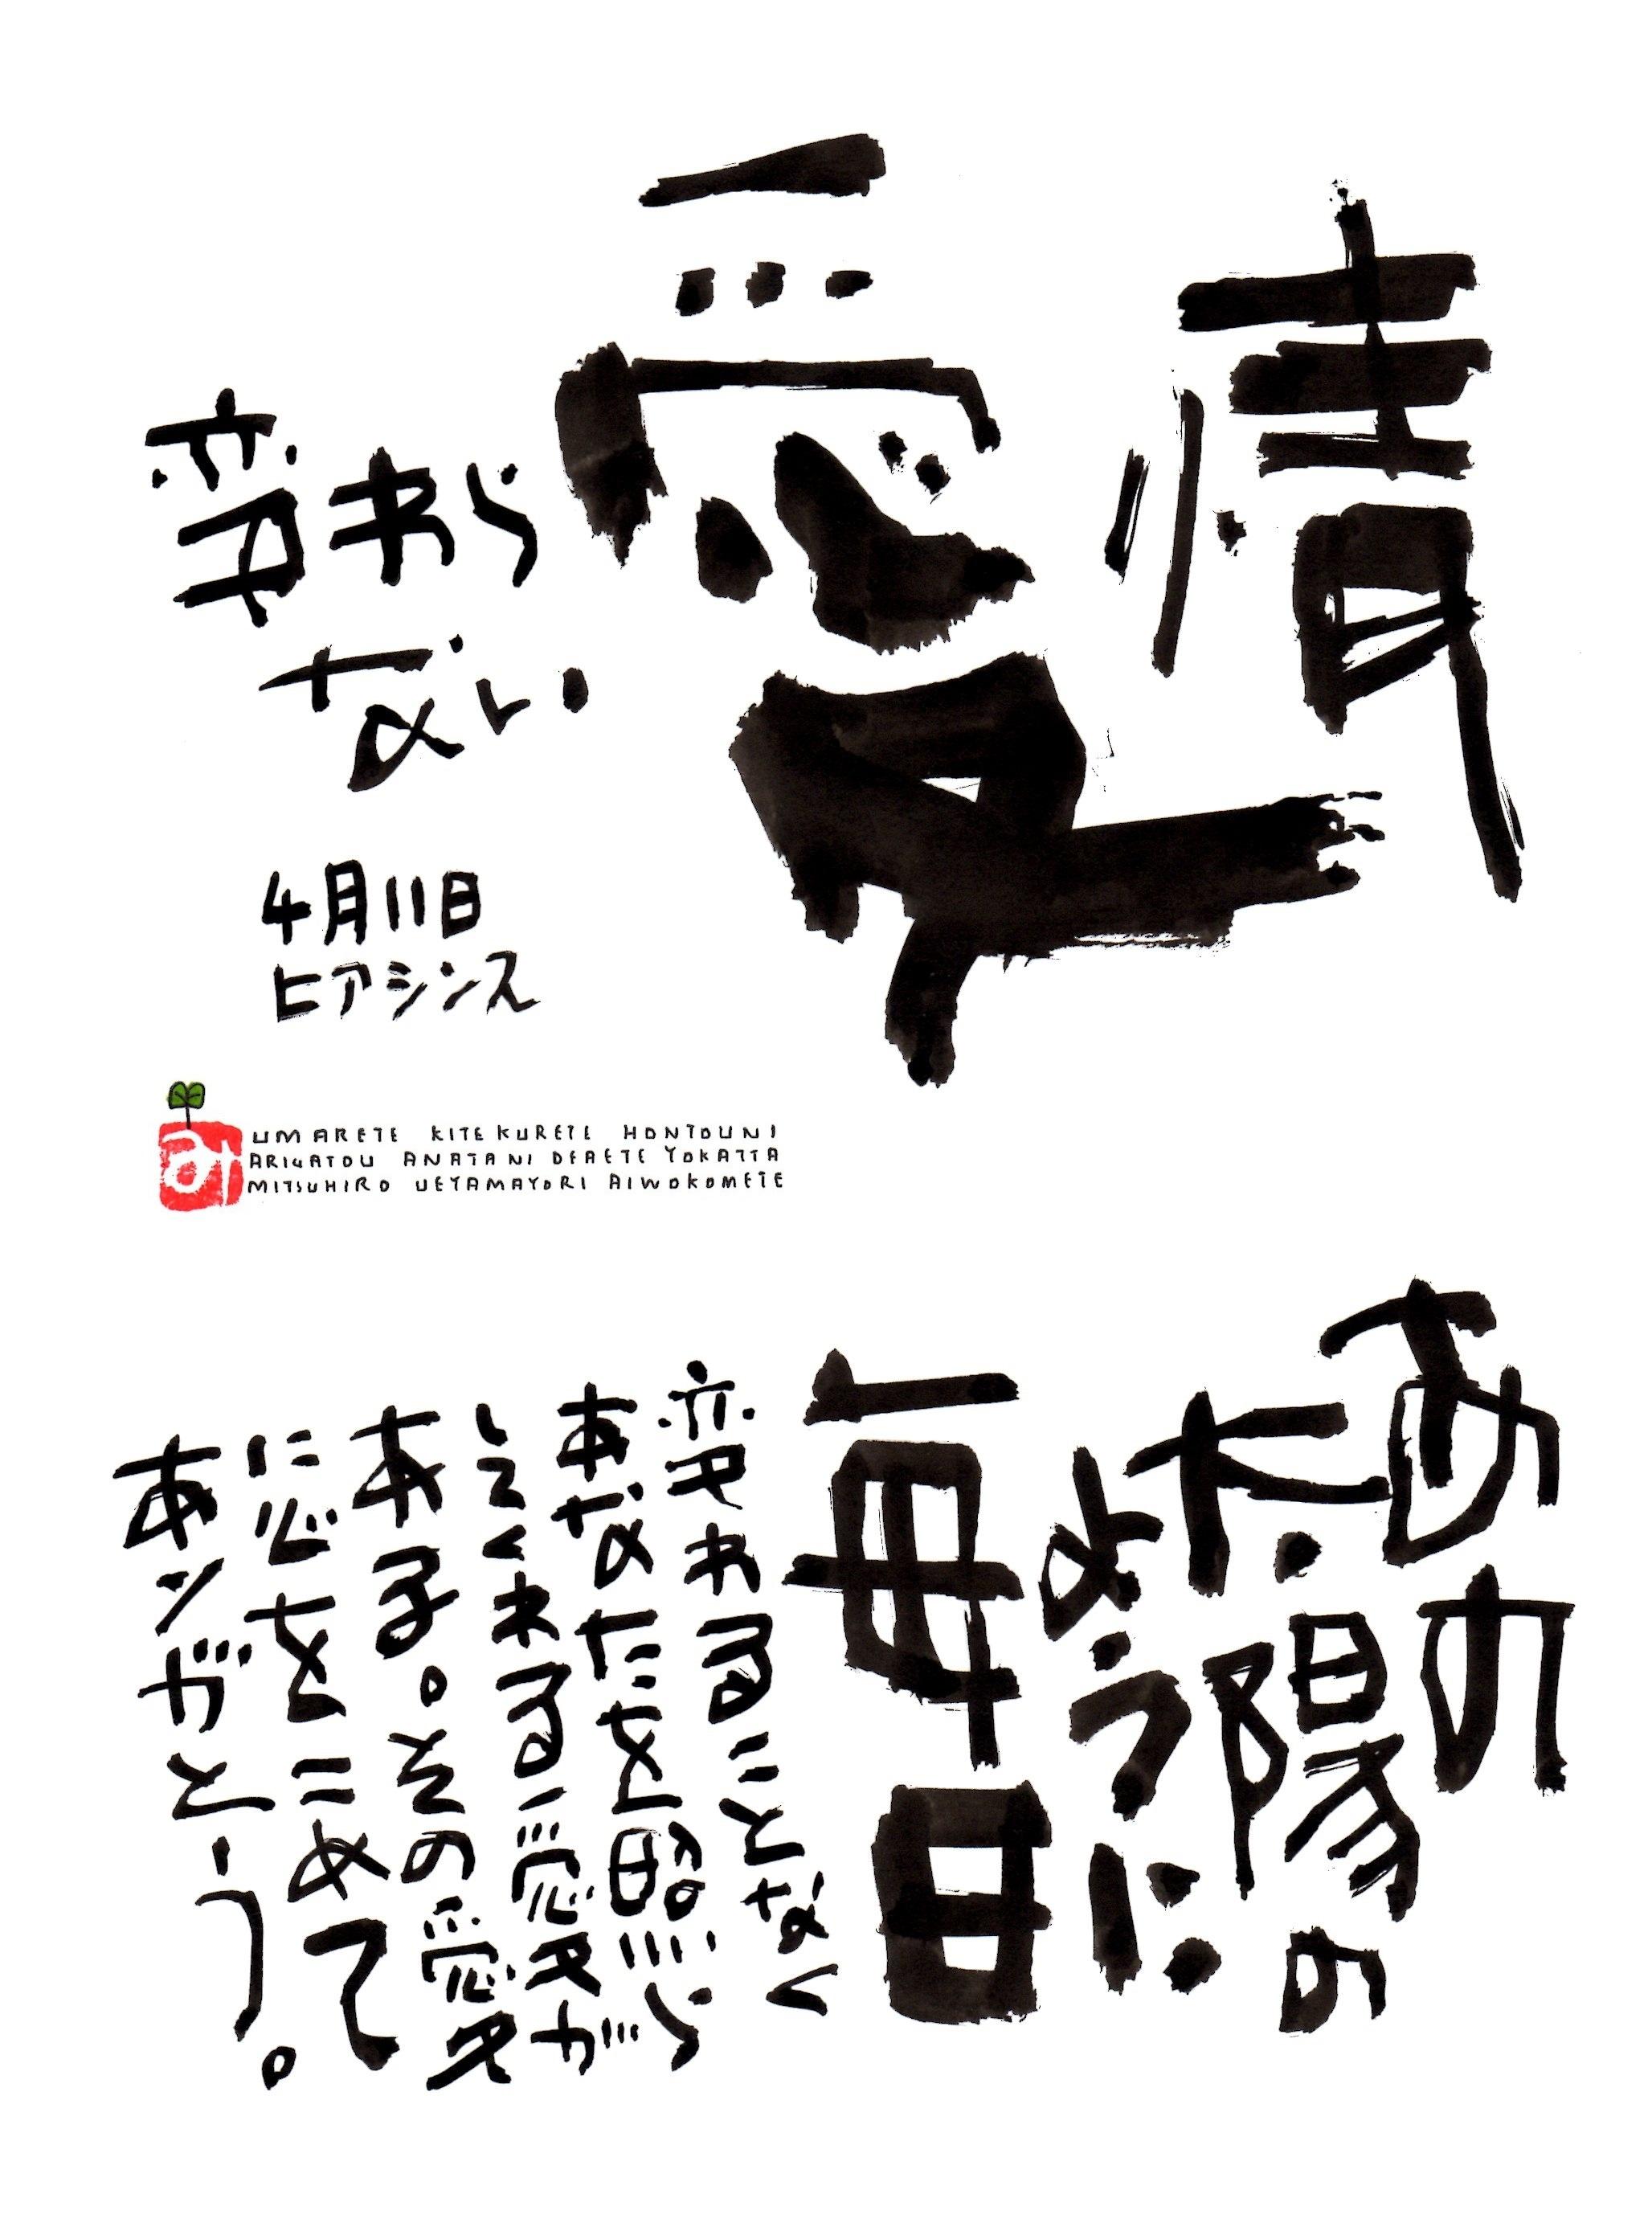 4月11日 誕生日ポストカード【変わらない愛情】The same affection